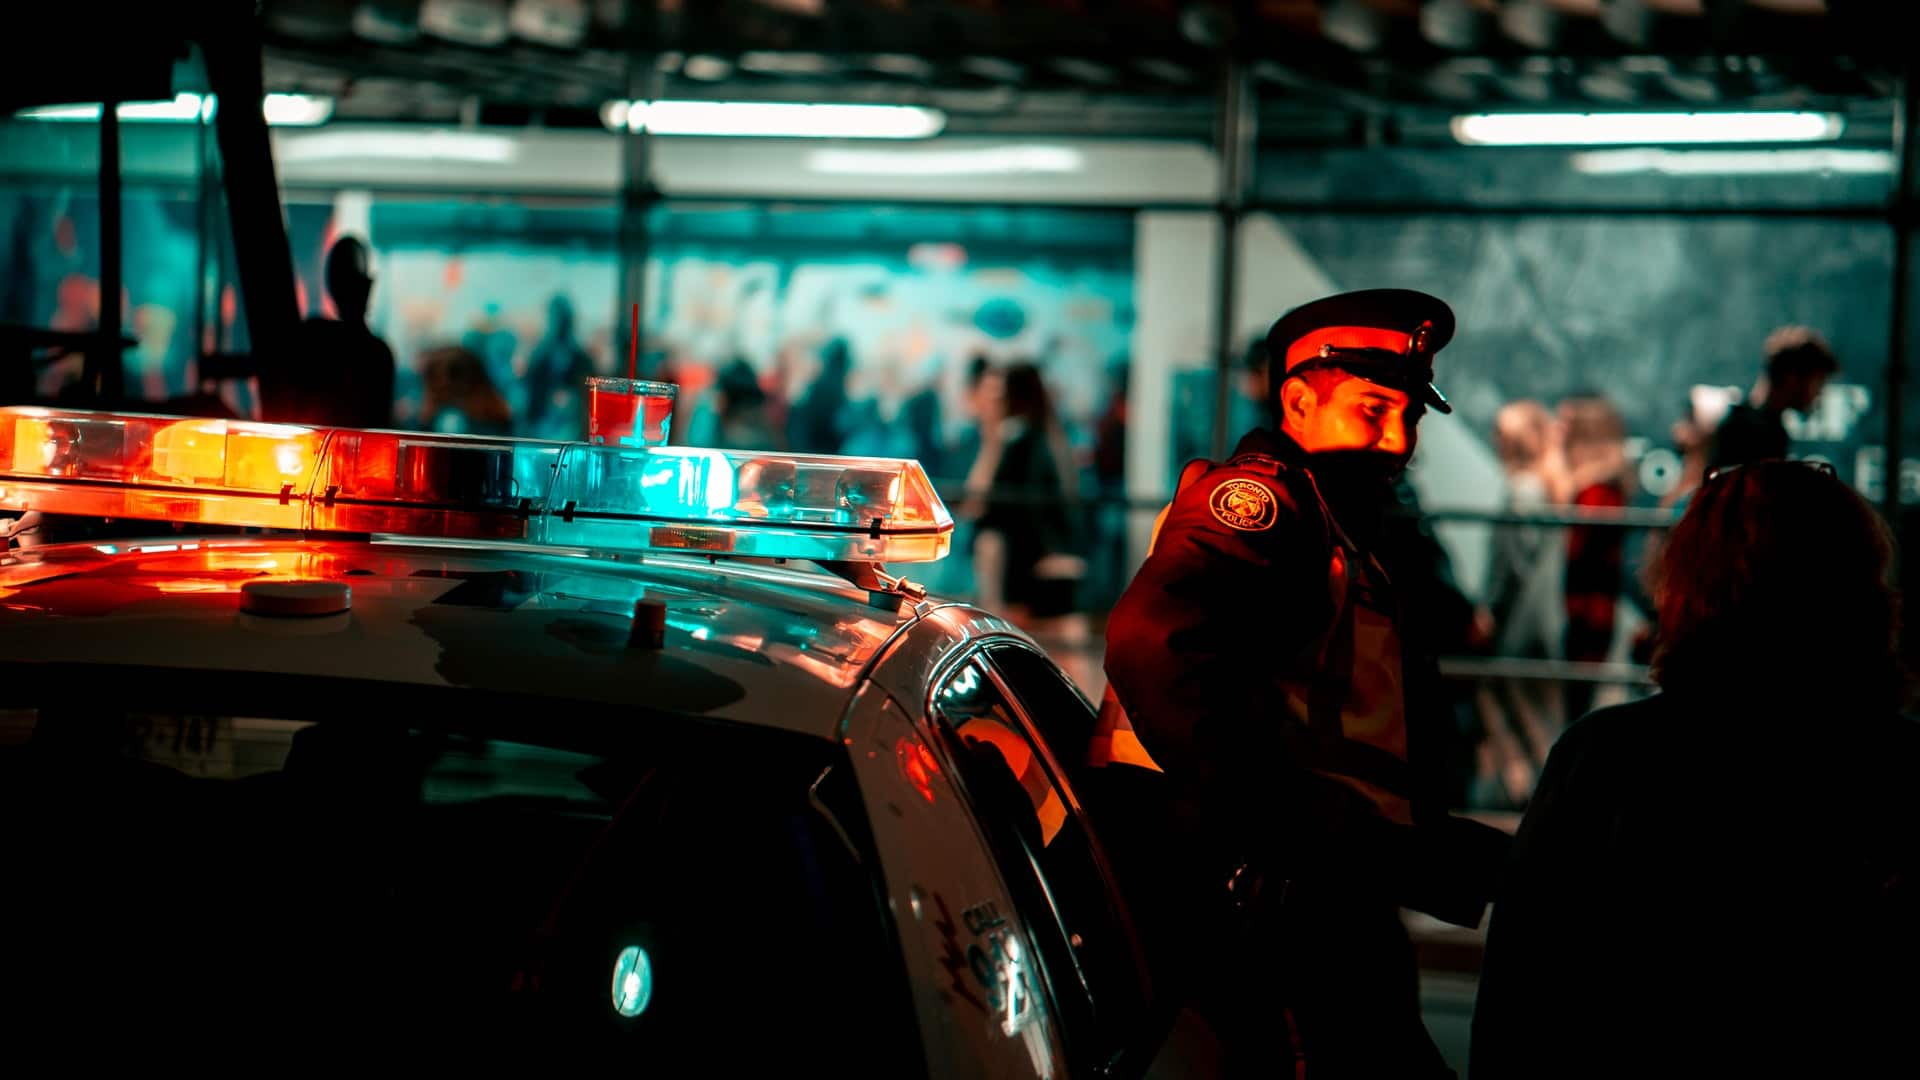 poszukiwania-osob-zaginionych-przez-policję